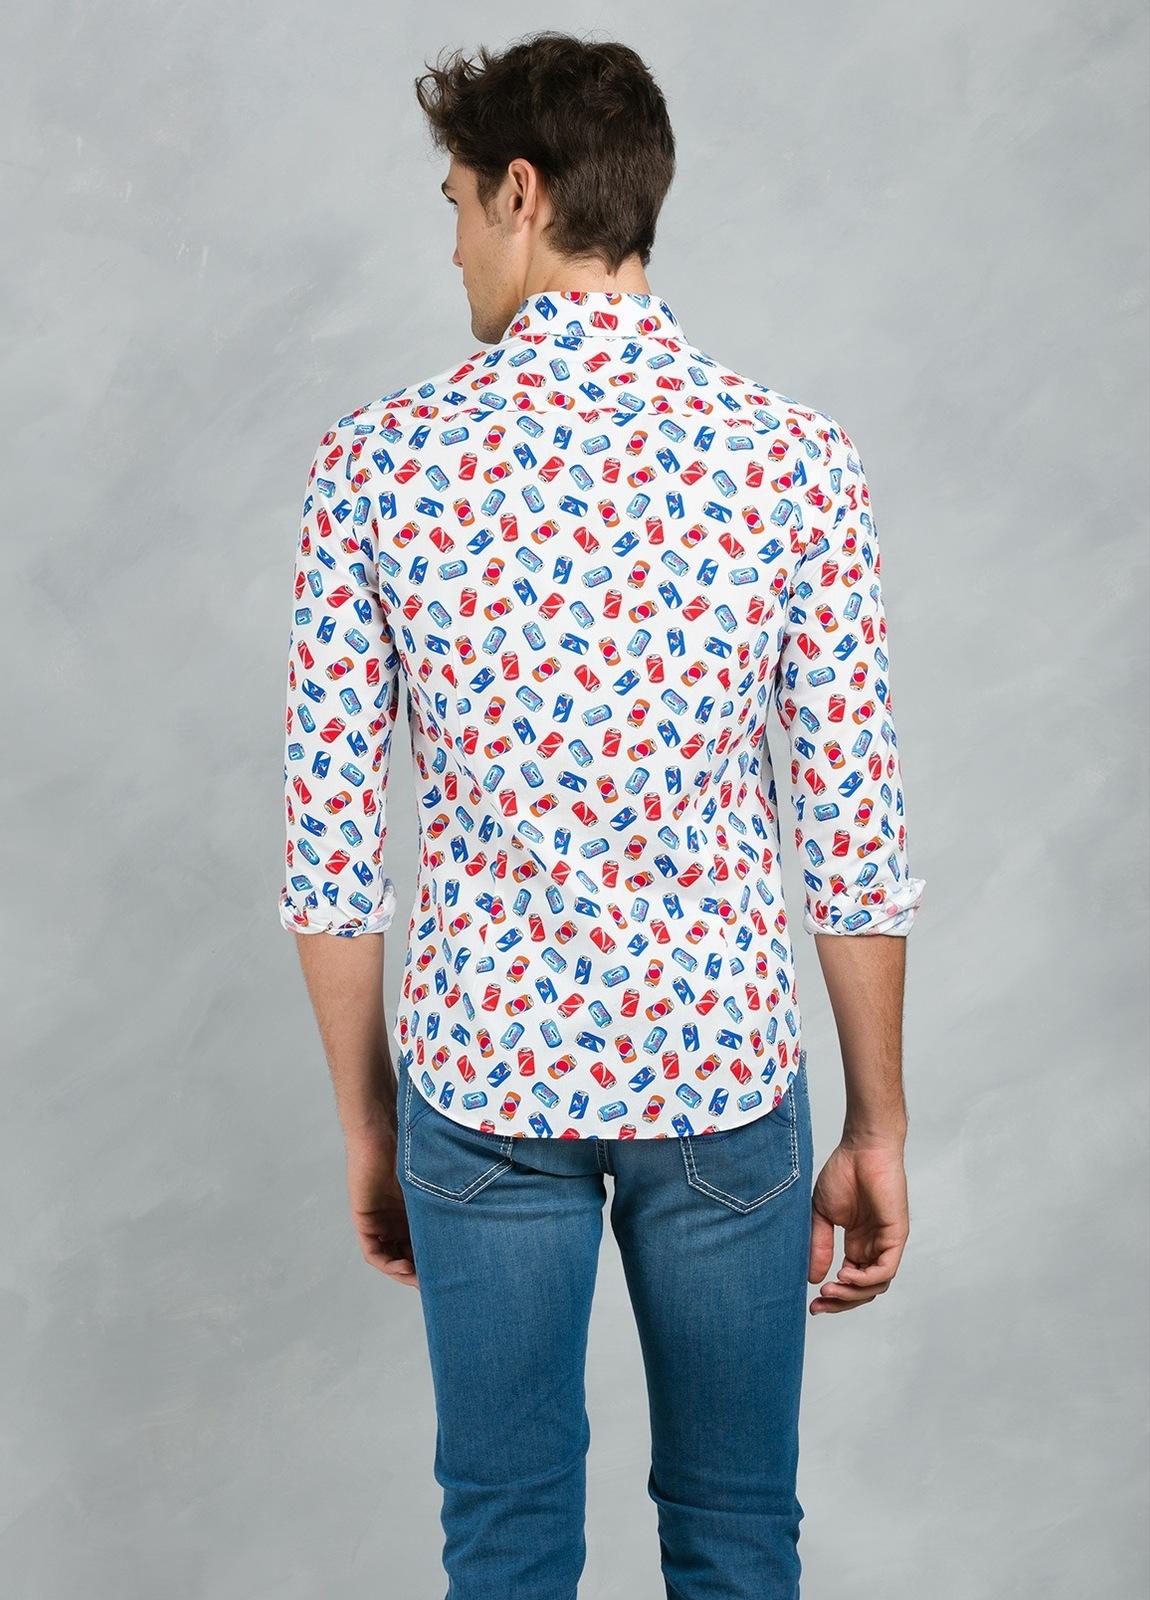 Camisa Leisure Wear SLIM FIT Modelo PORTO estampado fantasía,100% Algodón. - Ítem2